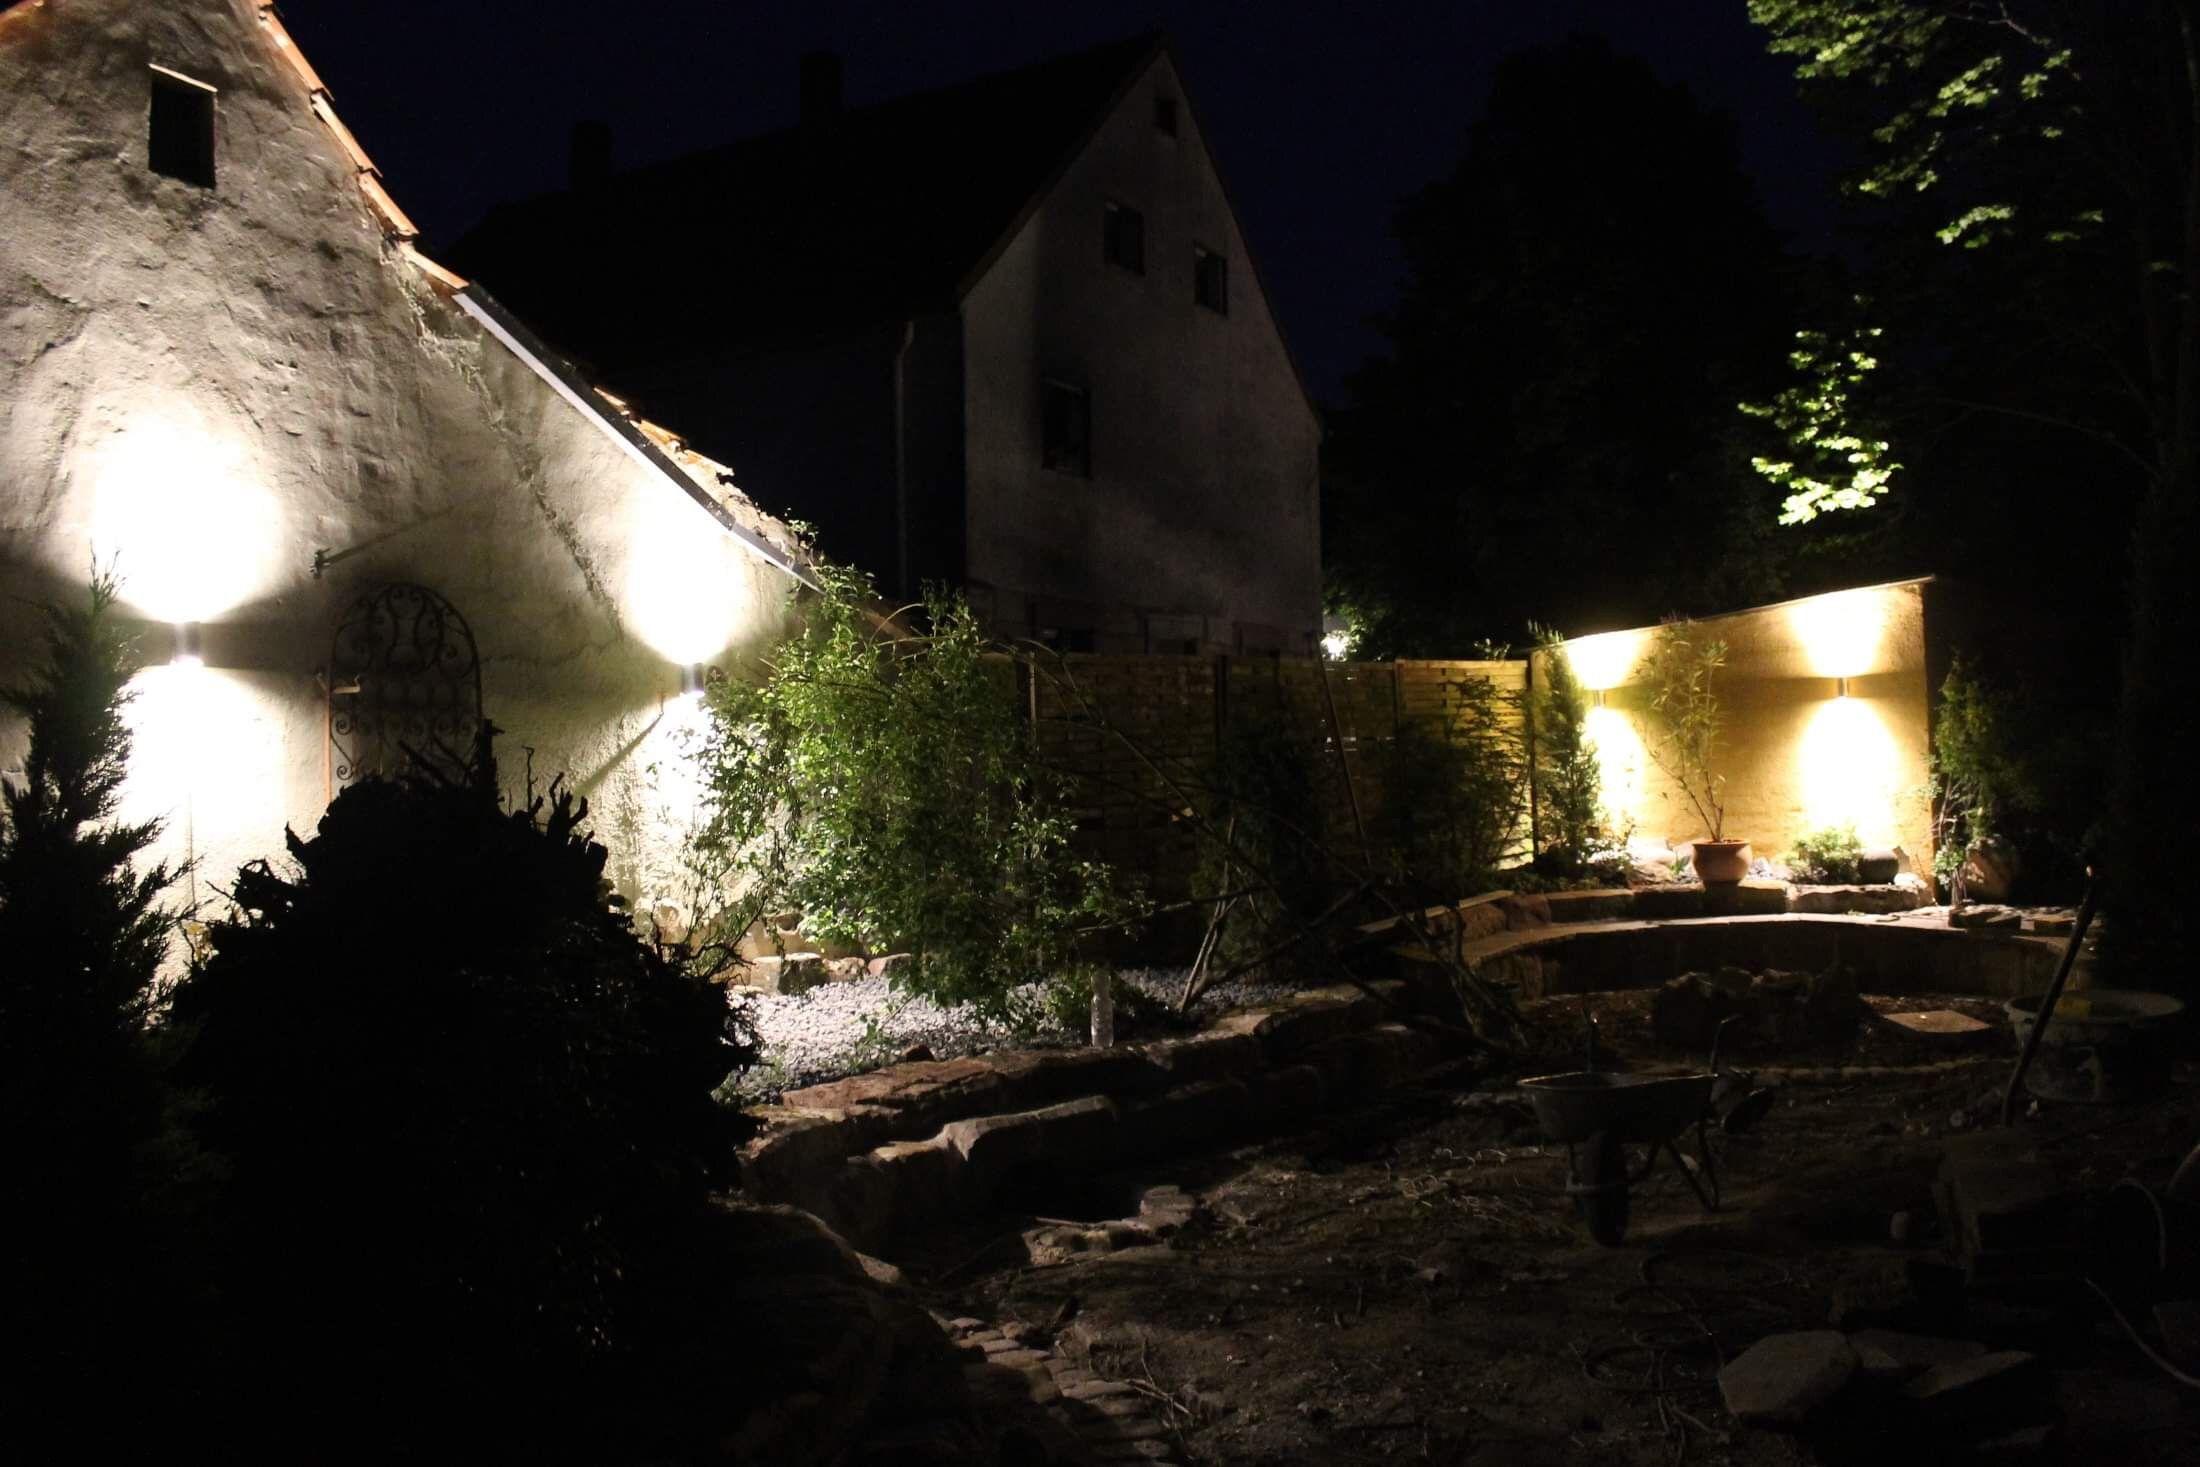 Tag 26 Up Downlights Von Aldi Kaufland Ohne Feuer Auch Eine Lichtquelle In Der Gartenecke Gartenecke Lichtquelle Garten